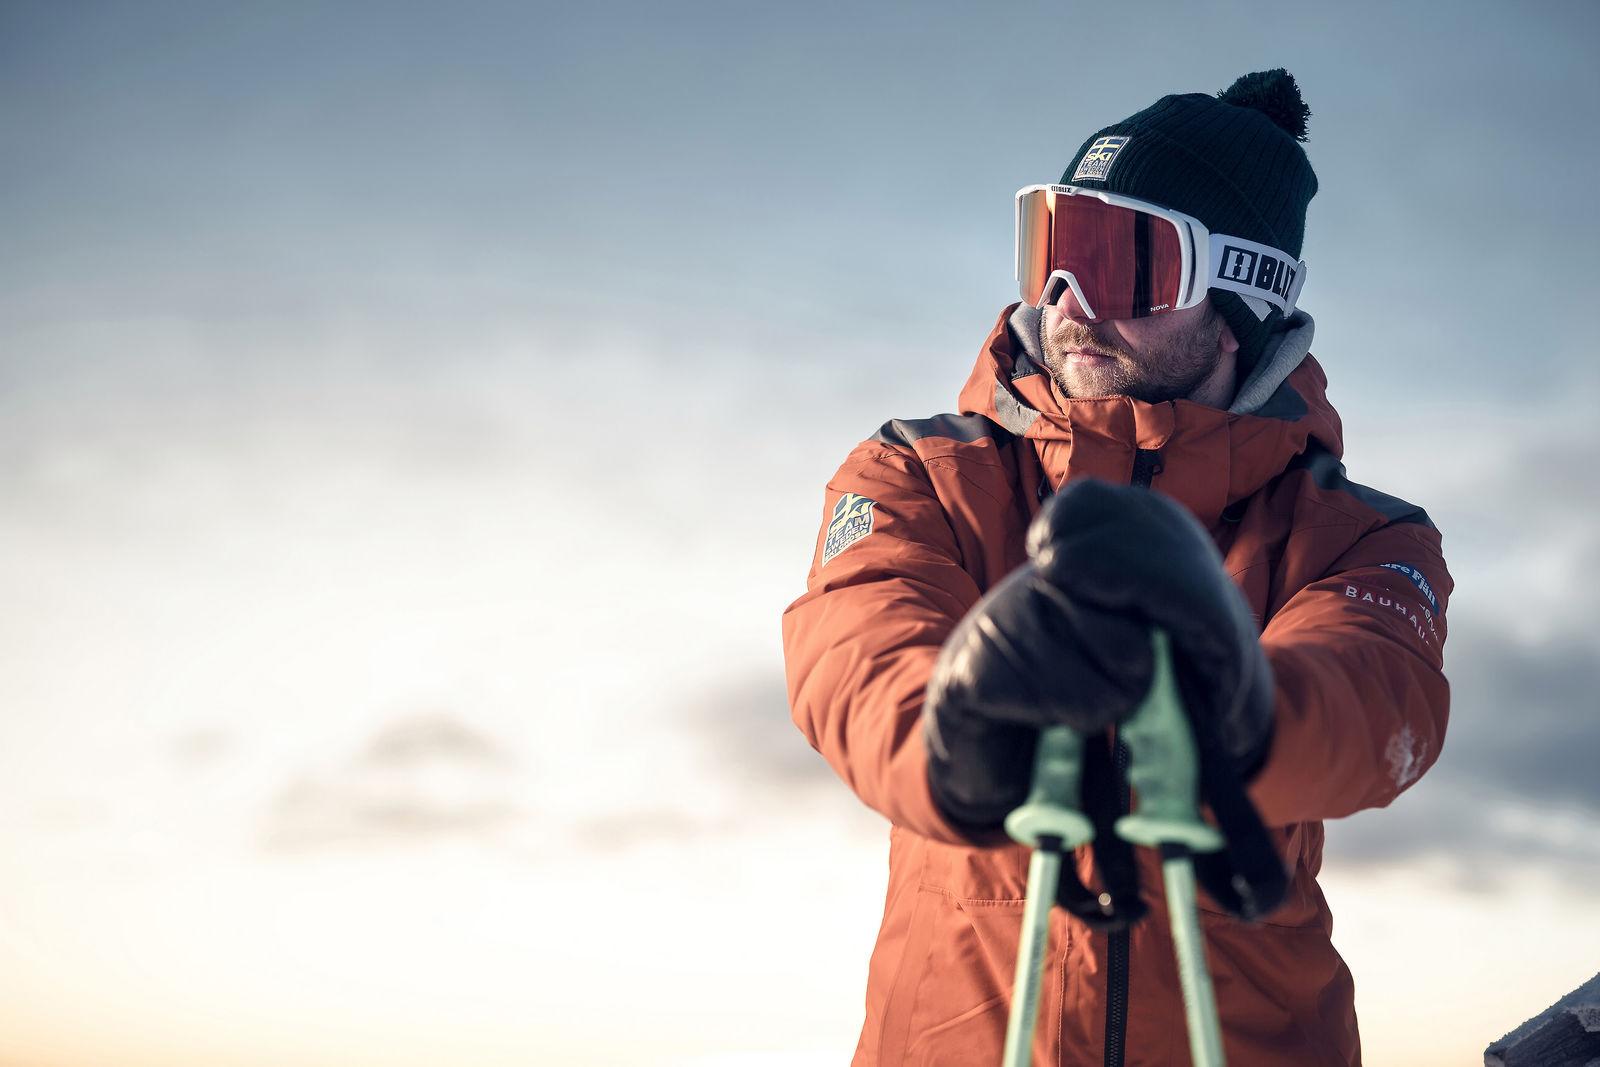 39129-04-nova-bliz-ski-goggles-black-skicross-goggles-viktor-sticko-lifestyle2-medium.jpg